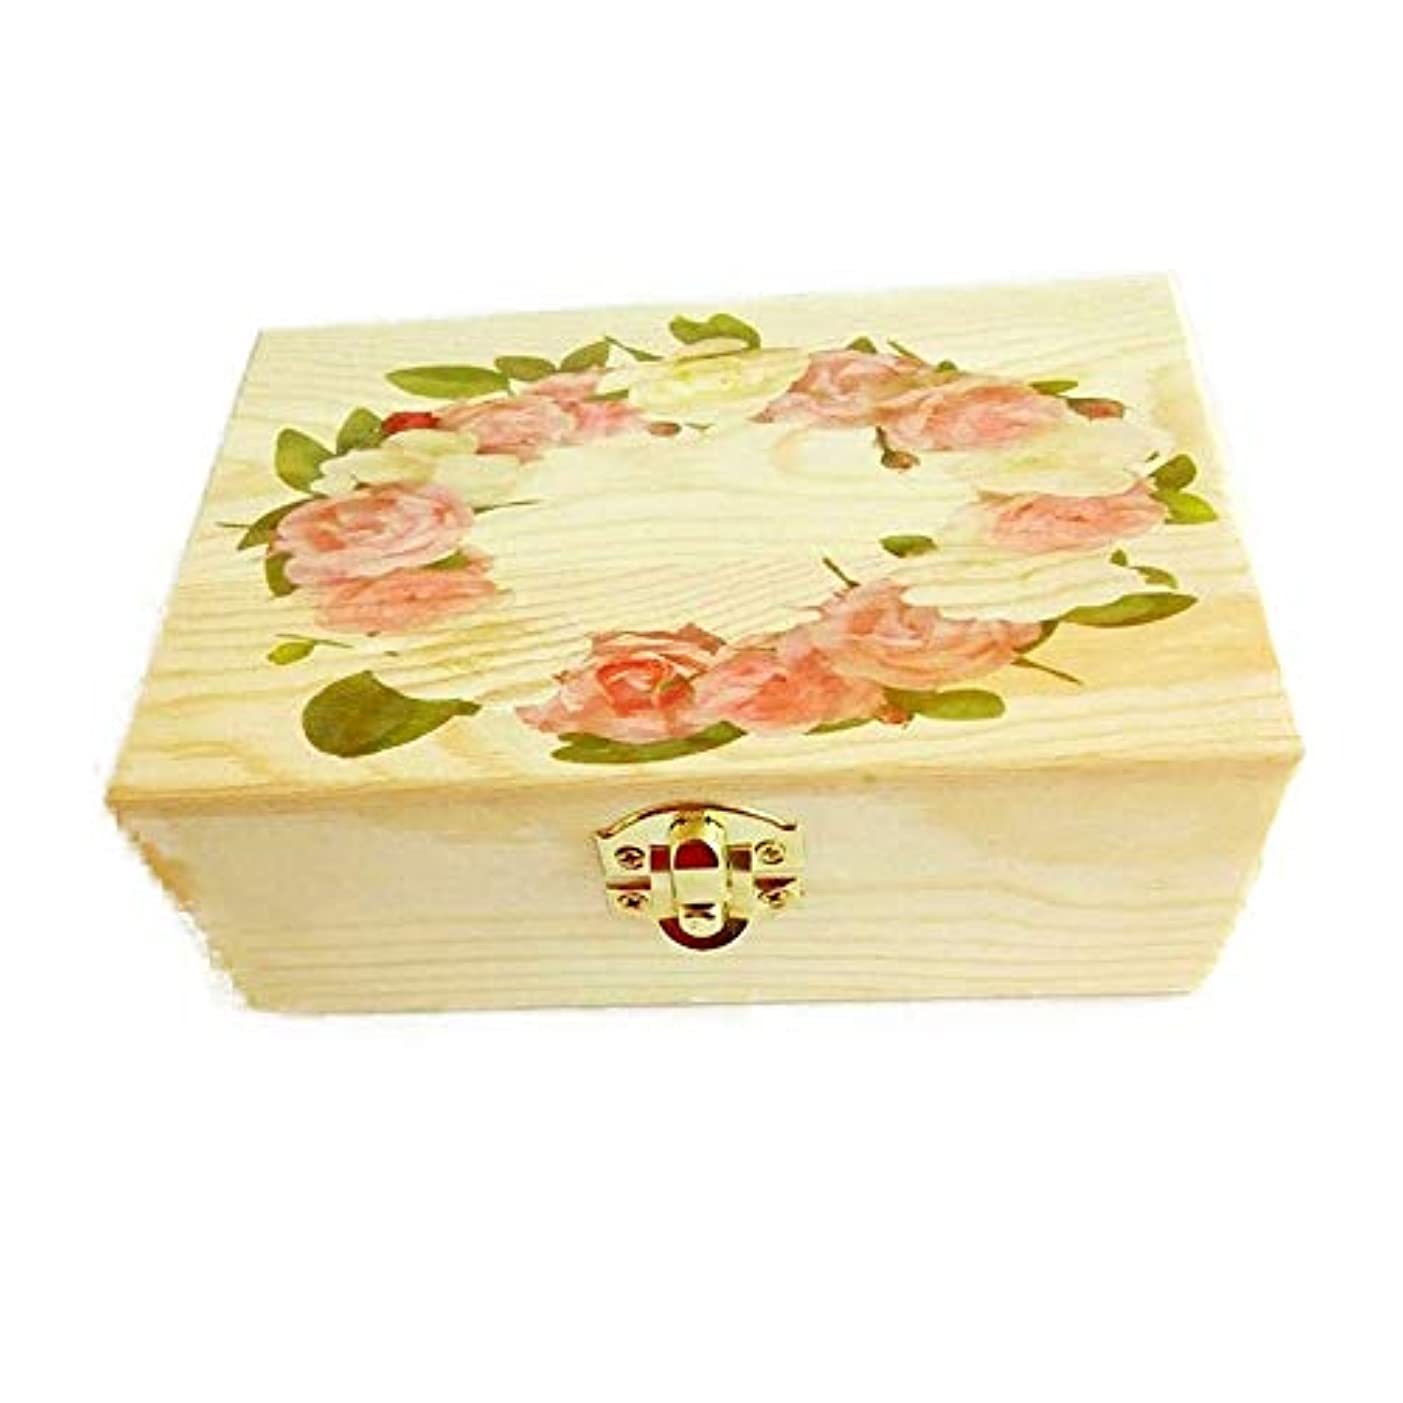 愛人意味株式会社エッセンシャルオイルの保管 キャリングそしてホームストレージ表示のための木製のエッセンシャルオイルストレージボックスオーガナイザー (色 : Natural, サイズ : 15.5X10.5X5.5CM)